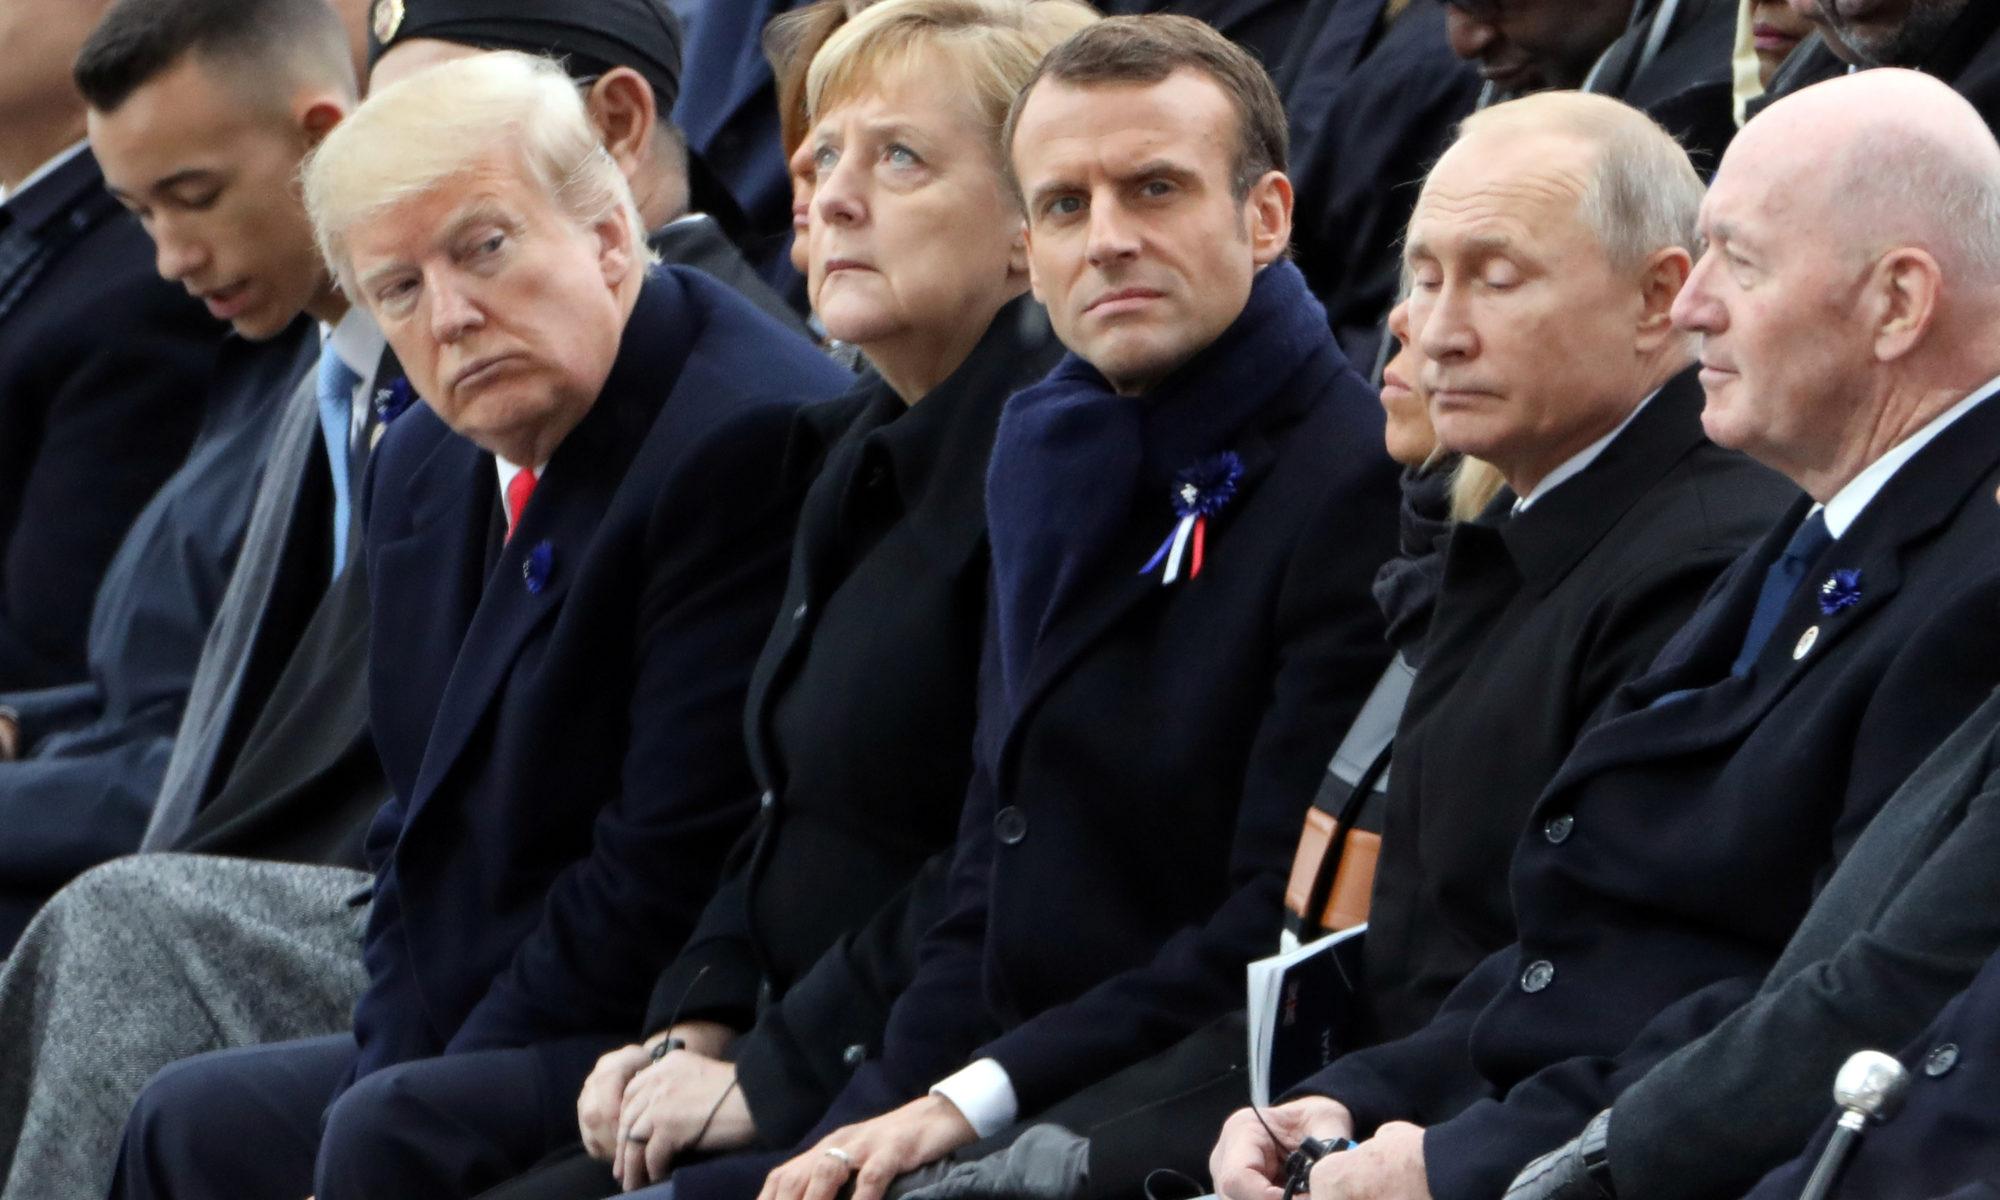 Президент США Дональд Трамп, федеральна канцлерка Німеччини Ангела Меркель, президент Франції Емманюель Макрон, президент Російської Федерації Володимир Путін AFP